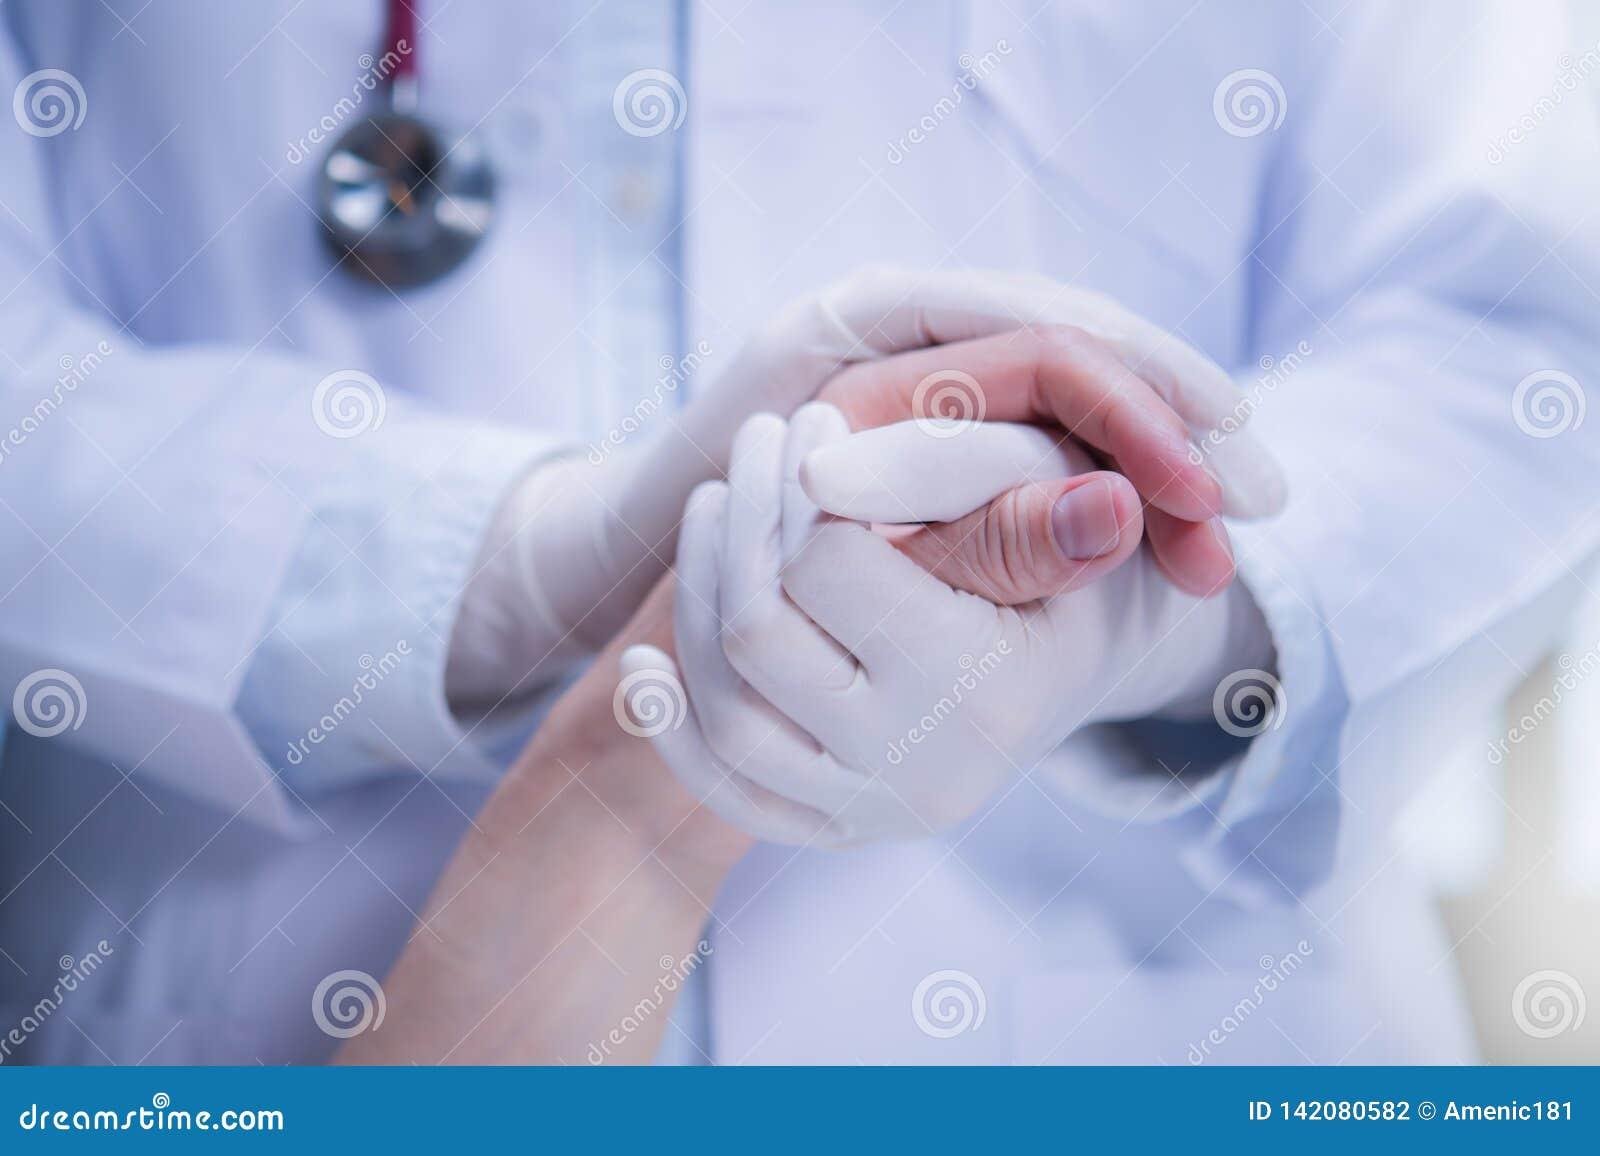 Medische arts die latexhandschoenen dragen die patient's hand houden om steun te geven in het ziekenhuis het plaatsen